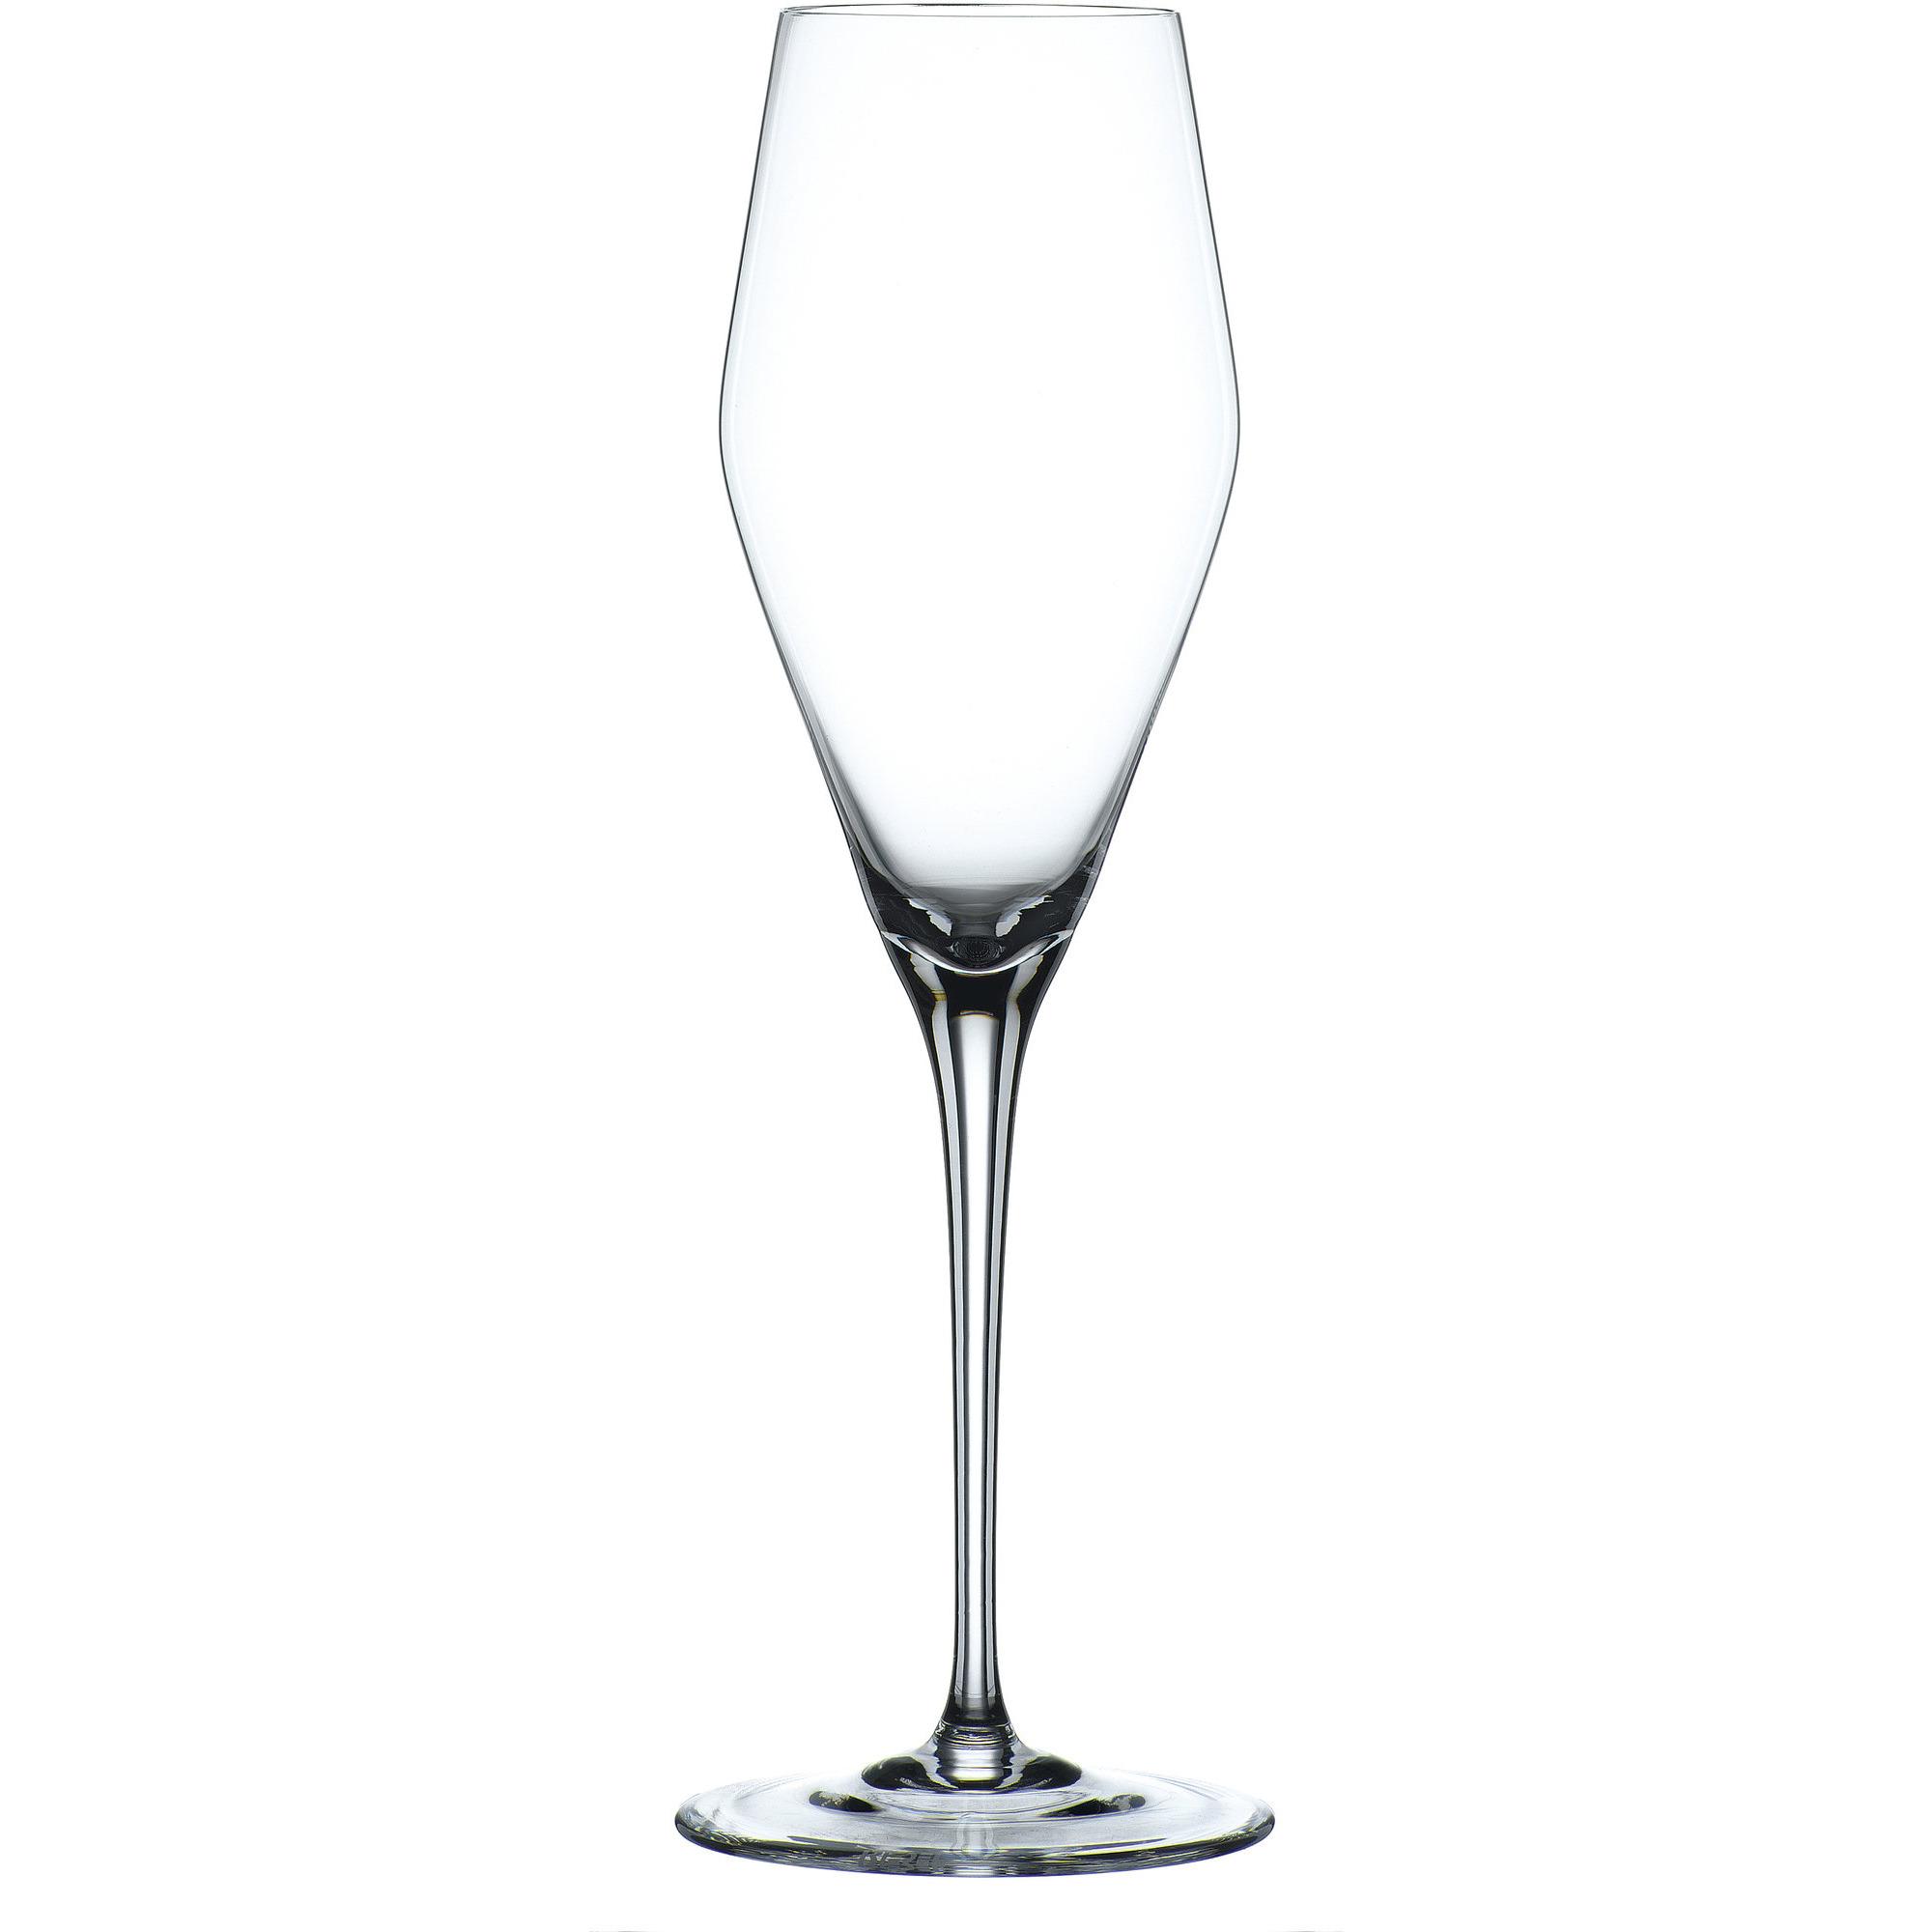 Nachtmann ViNova Champagne Glas 28cl 4-p